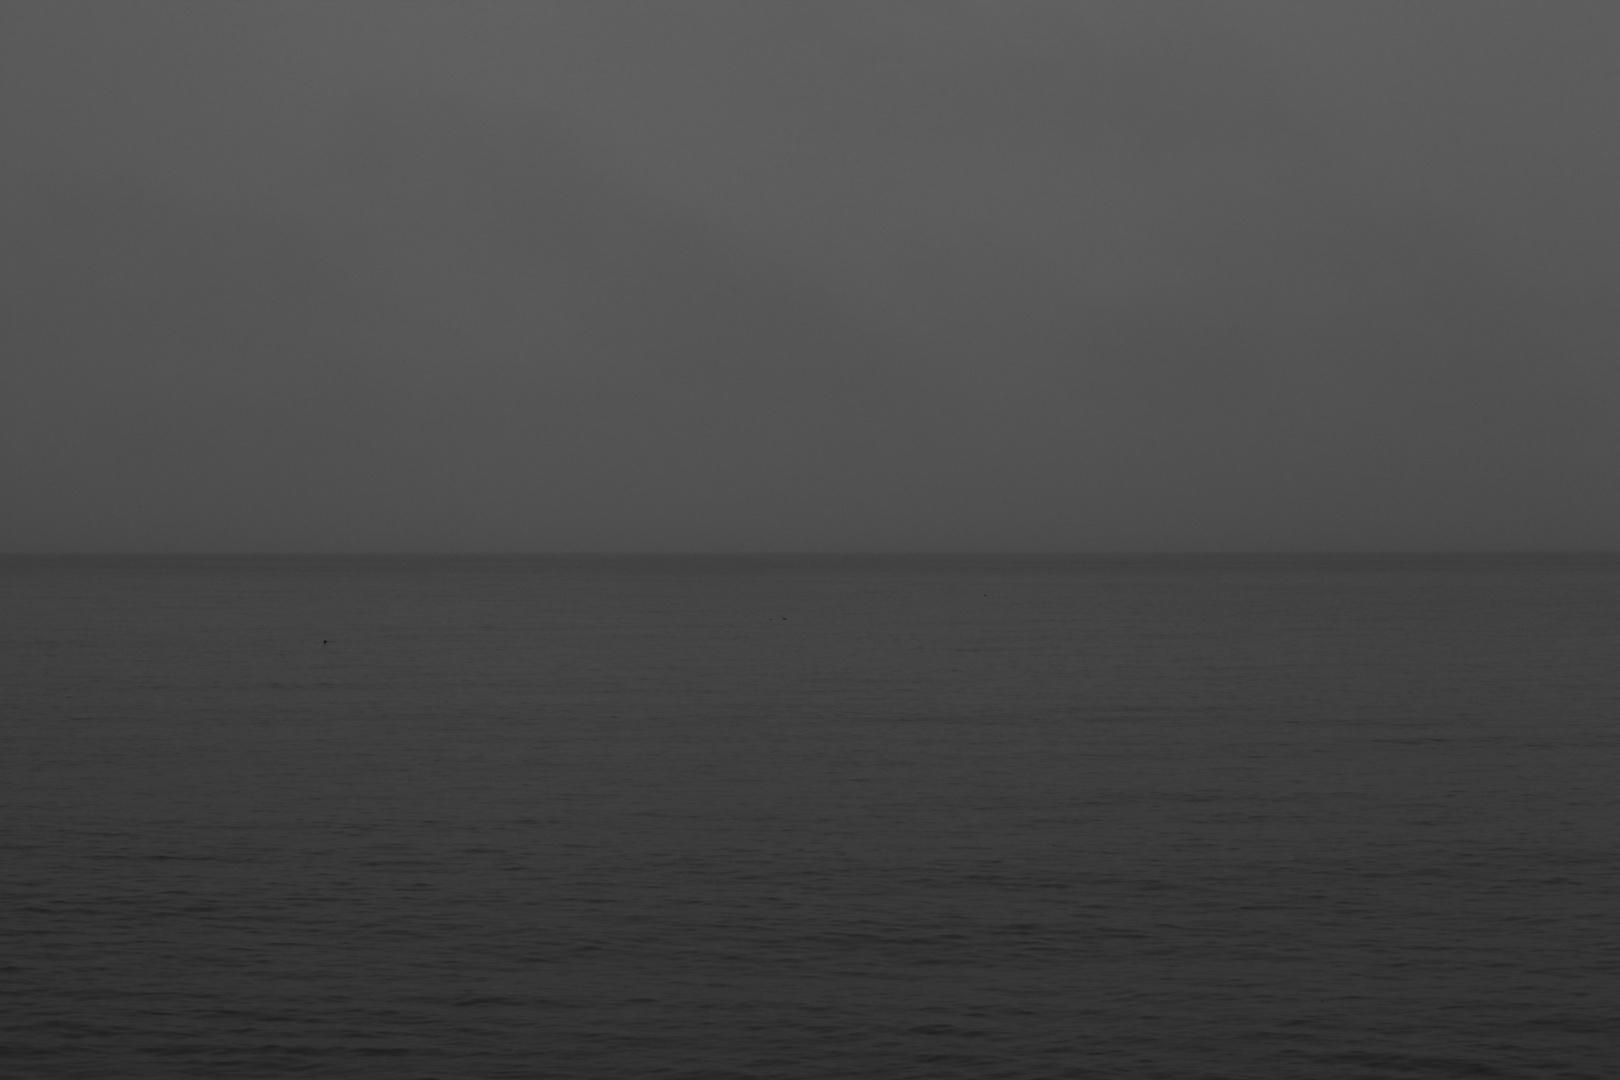 In the sea - 4